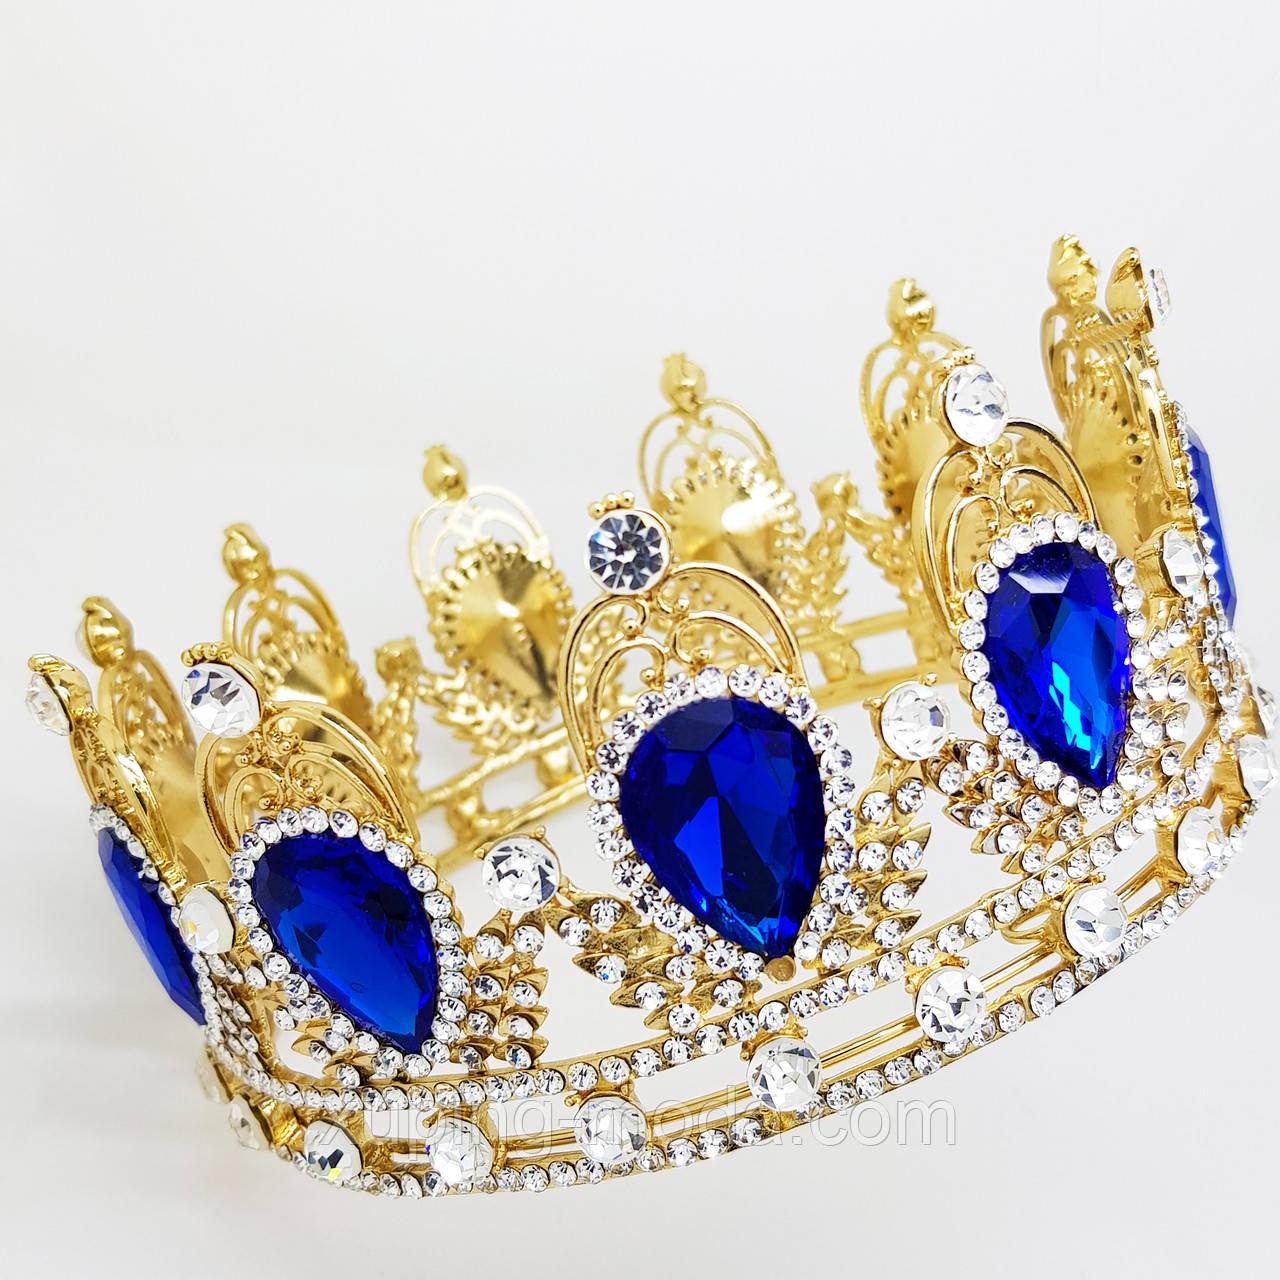 Круглые короны, короны для принцесс, короны для мисс